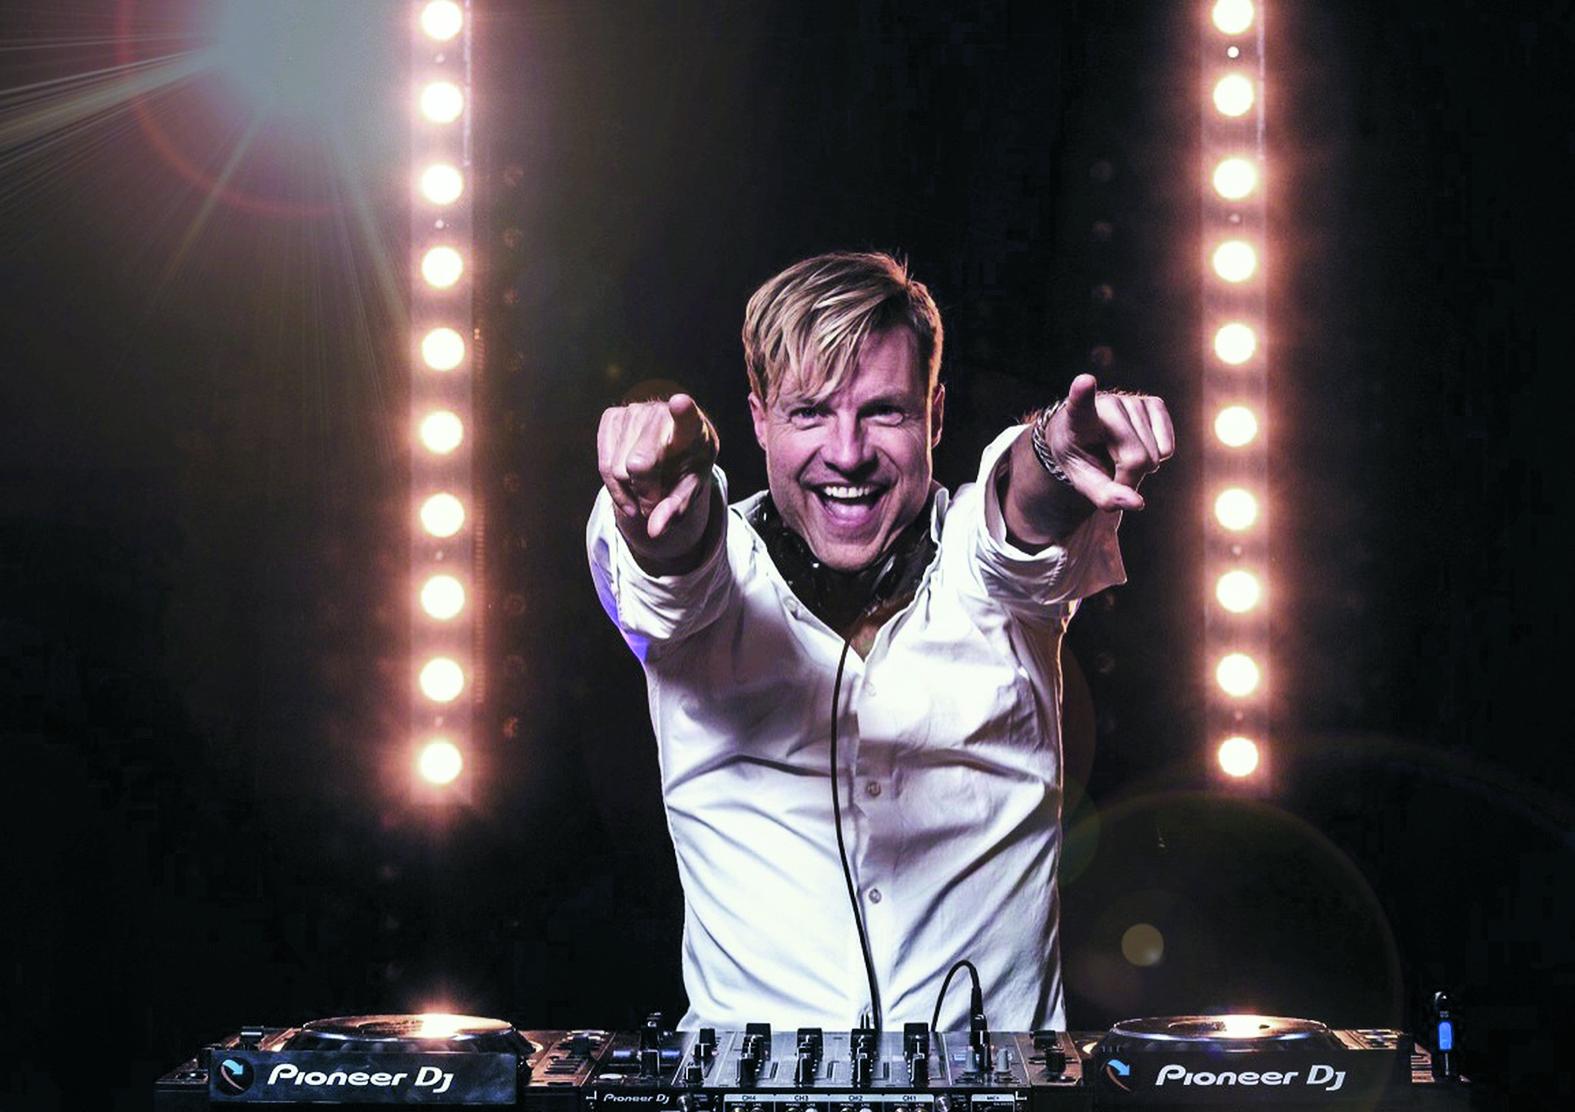 DJ Jerone weet de sfeer er goed in te houden. (Foto: aangeleverd)